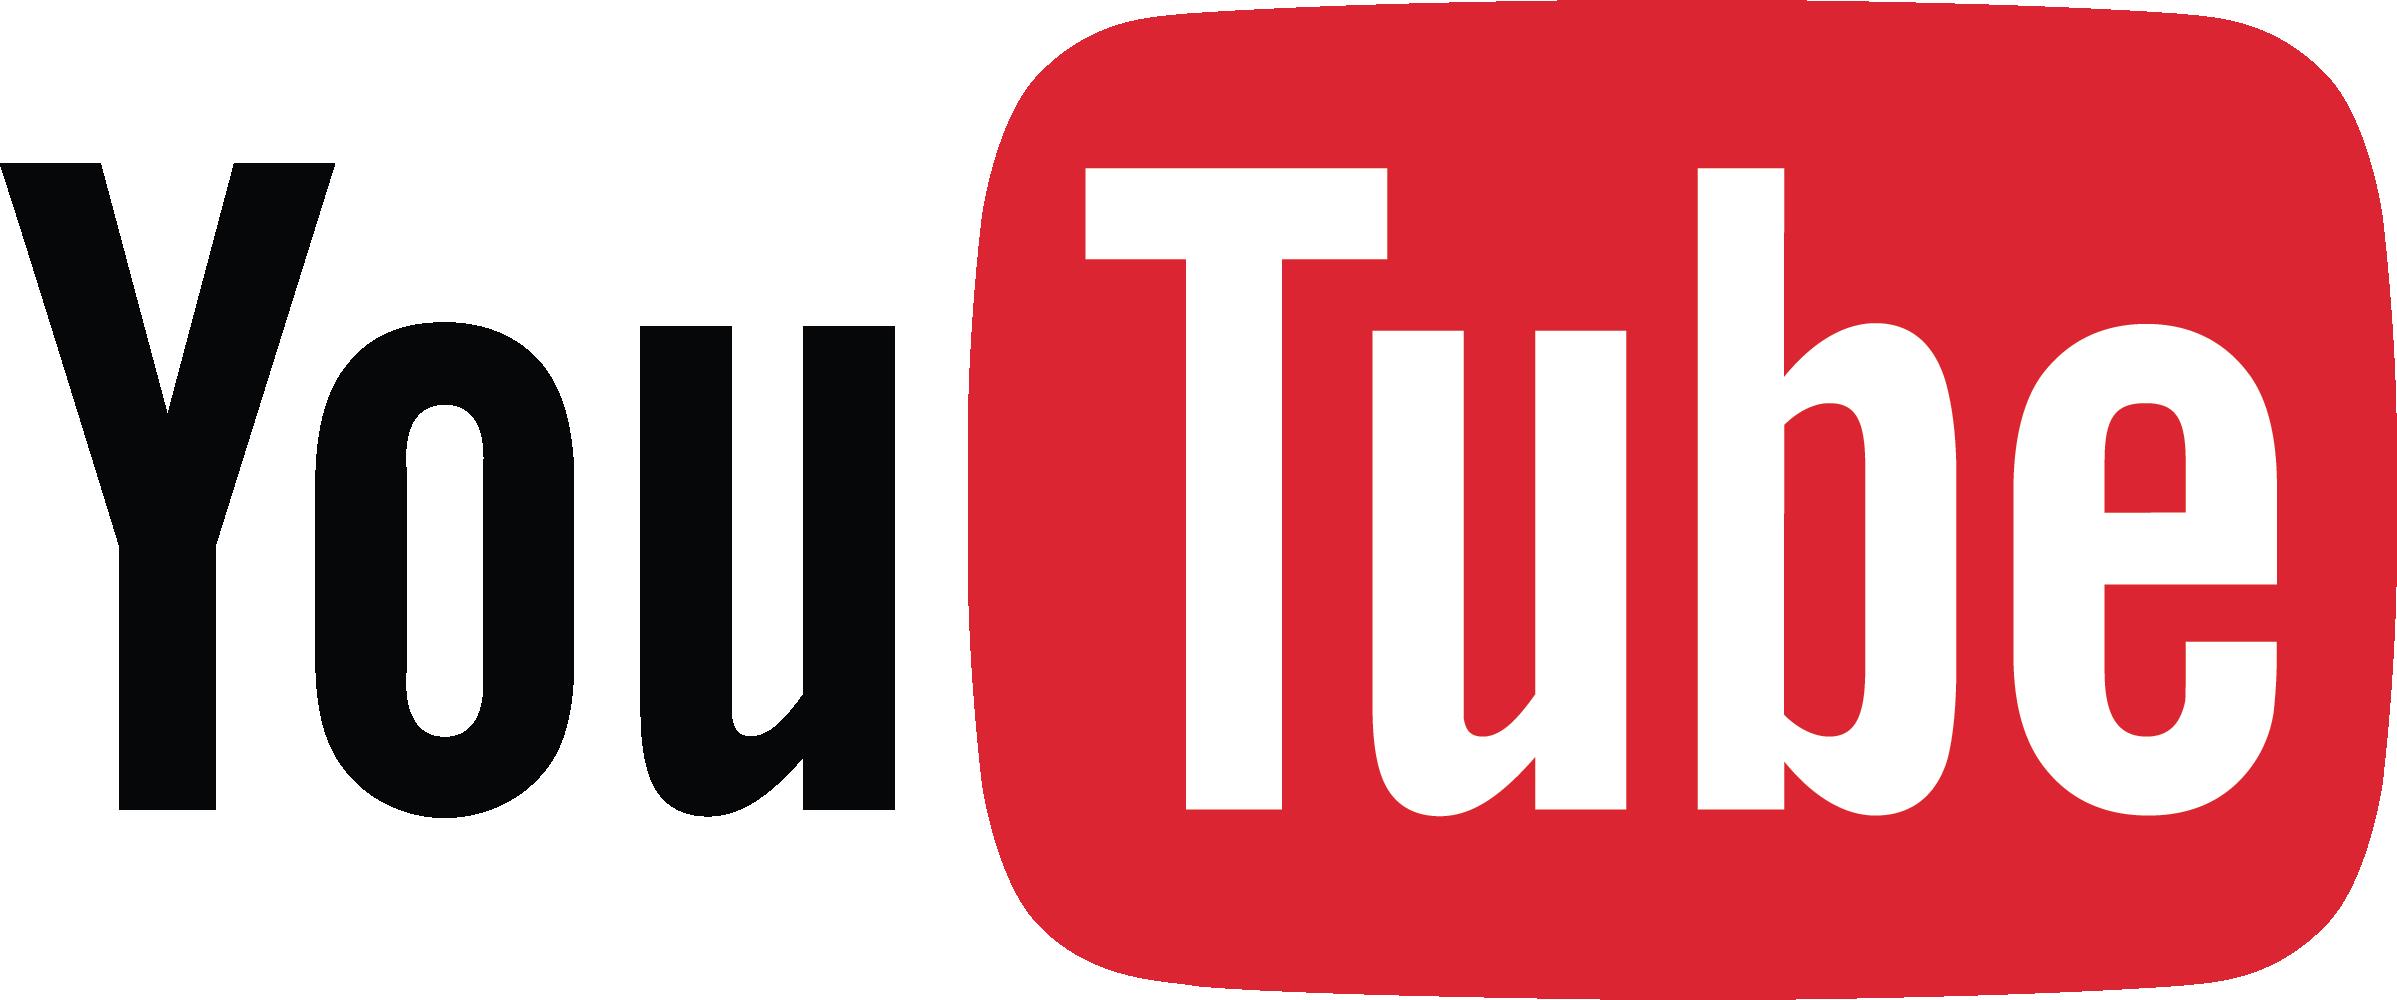 youtube flat logo.